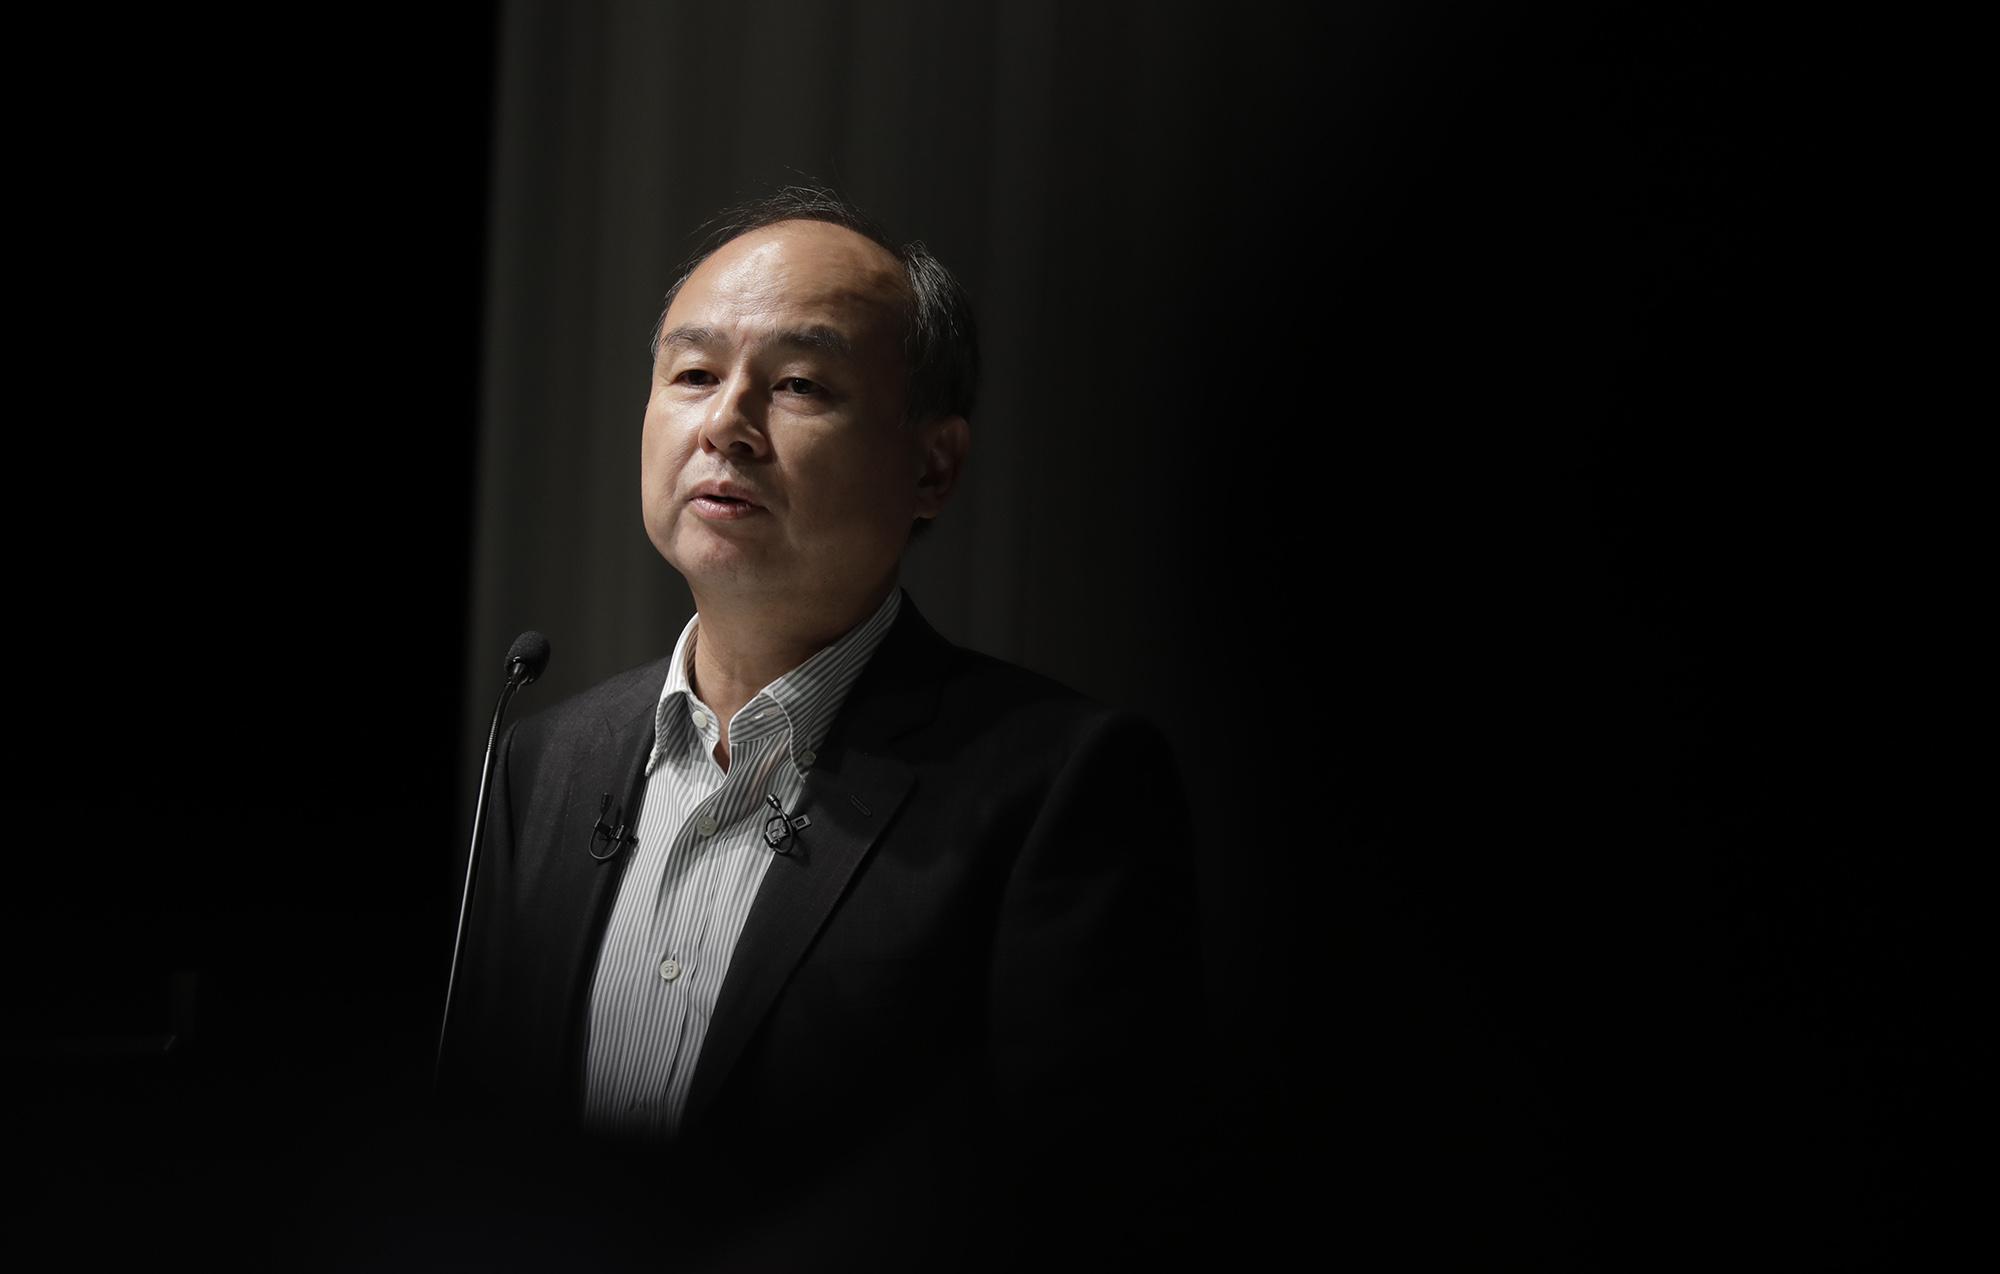 ソフバンクG社長、 巨額赤字も「萎縮不要」-3号ファンド意欲 - Bloomberg